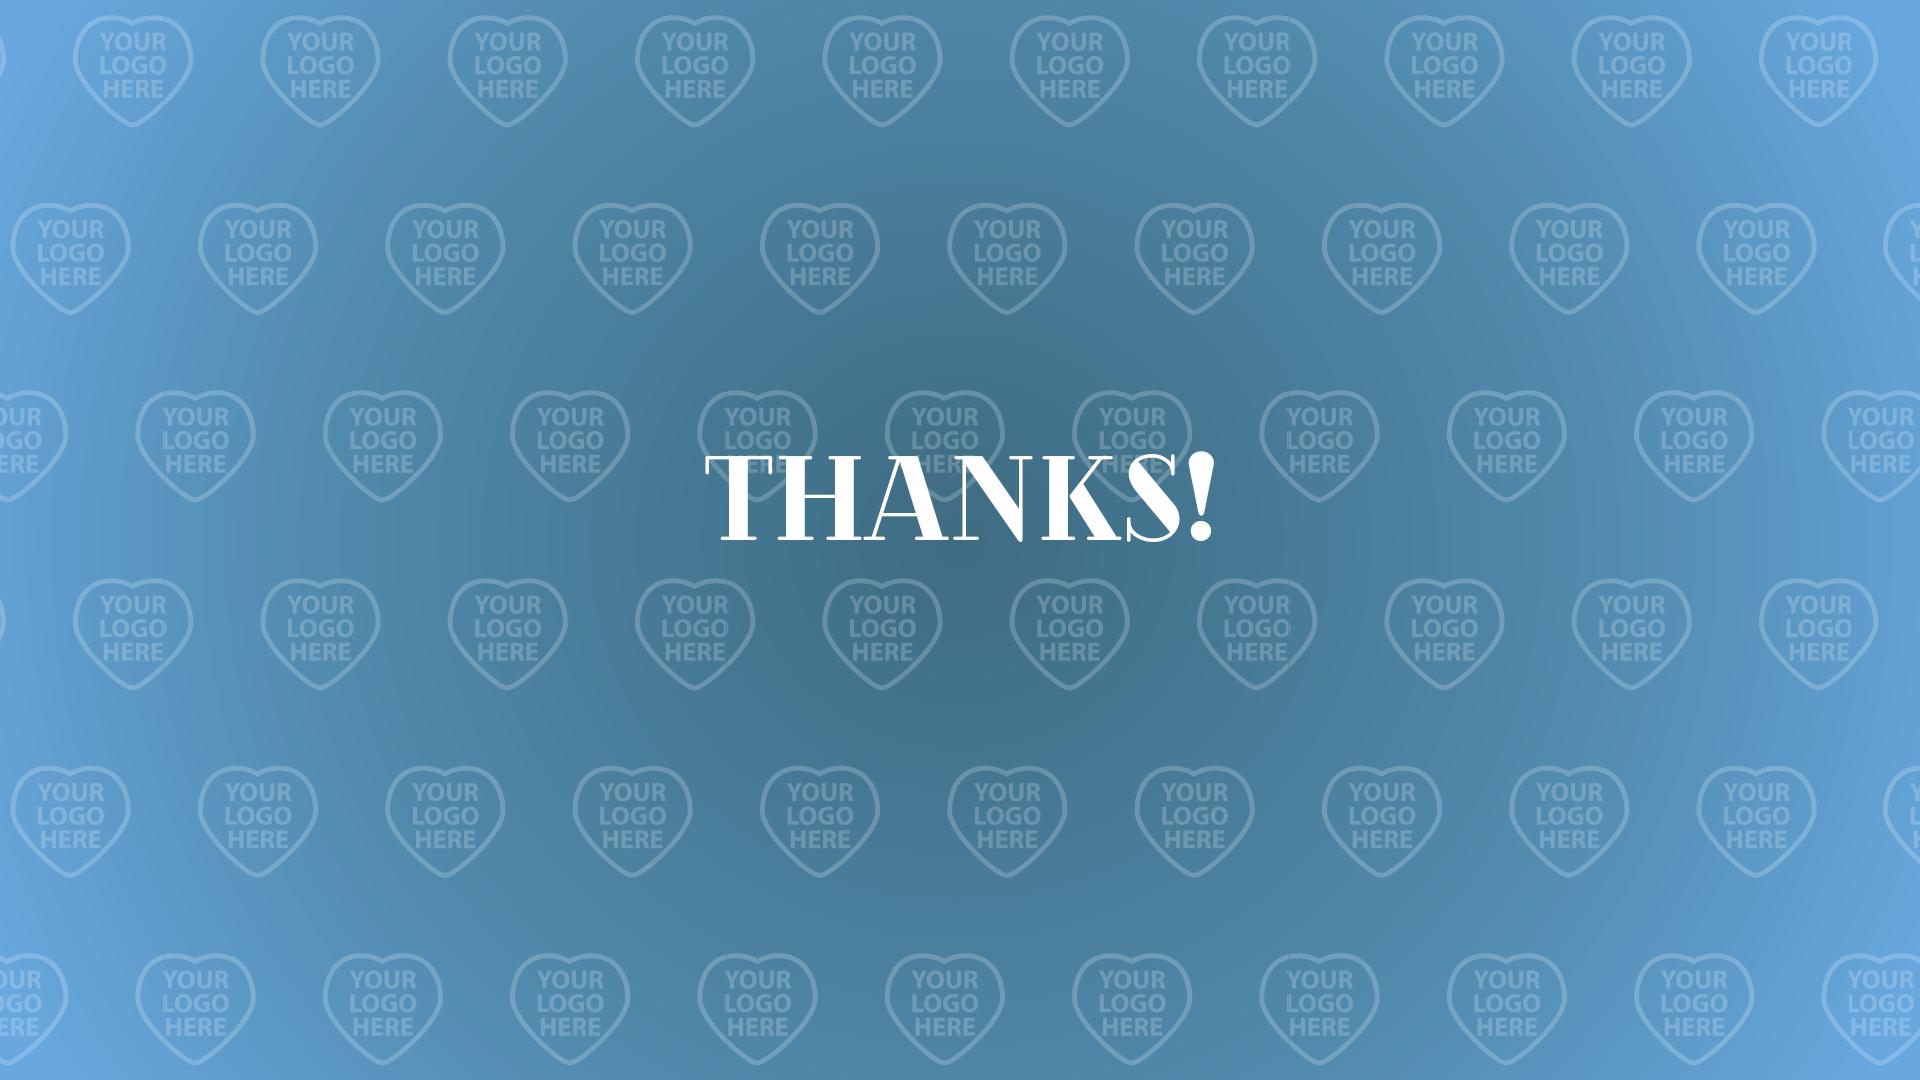 BG-ThankYou